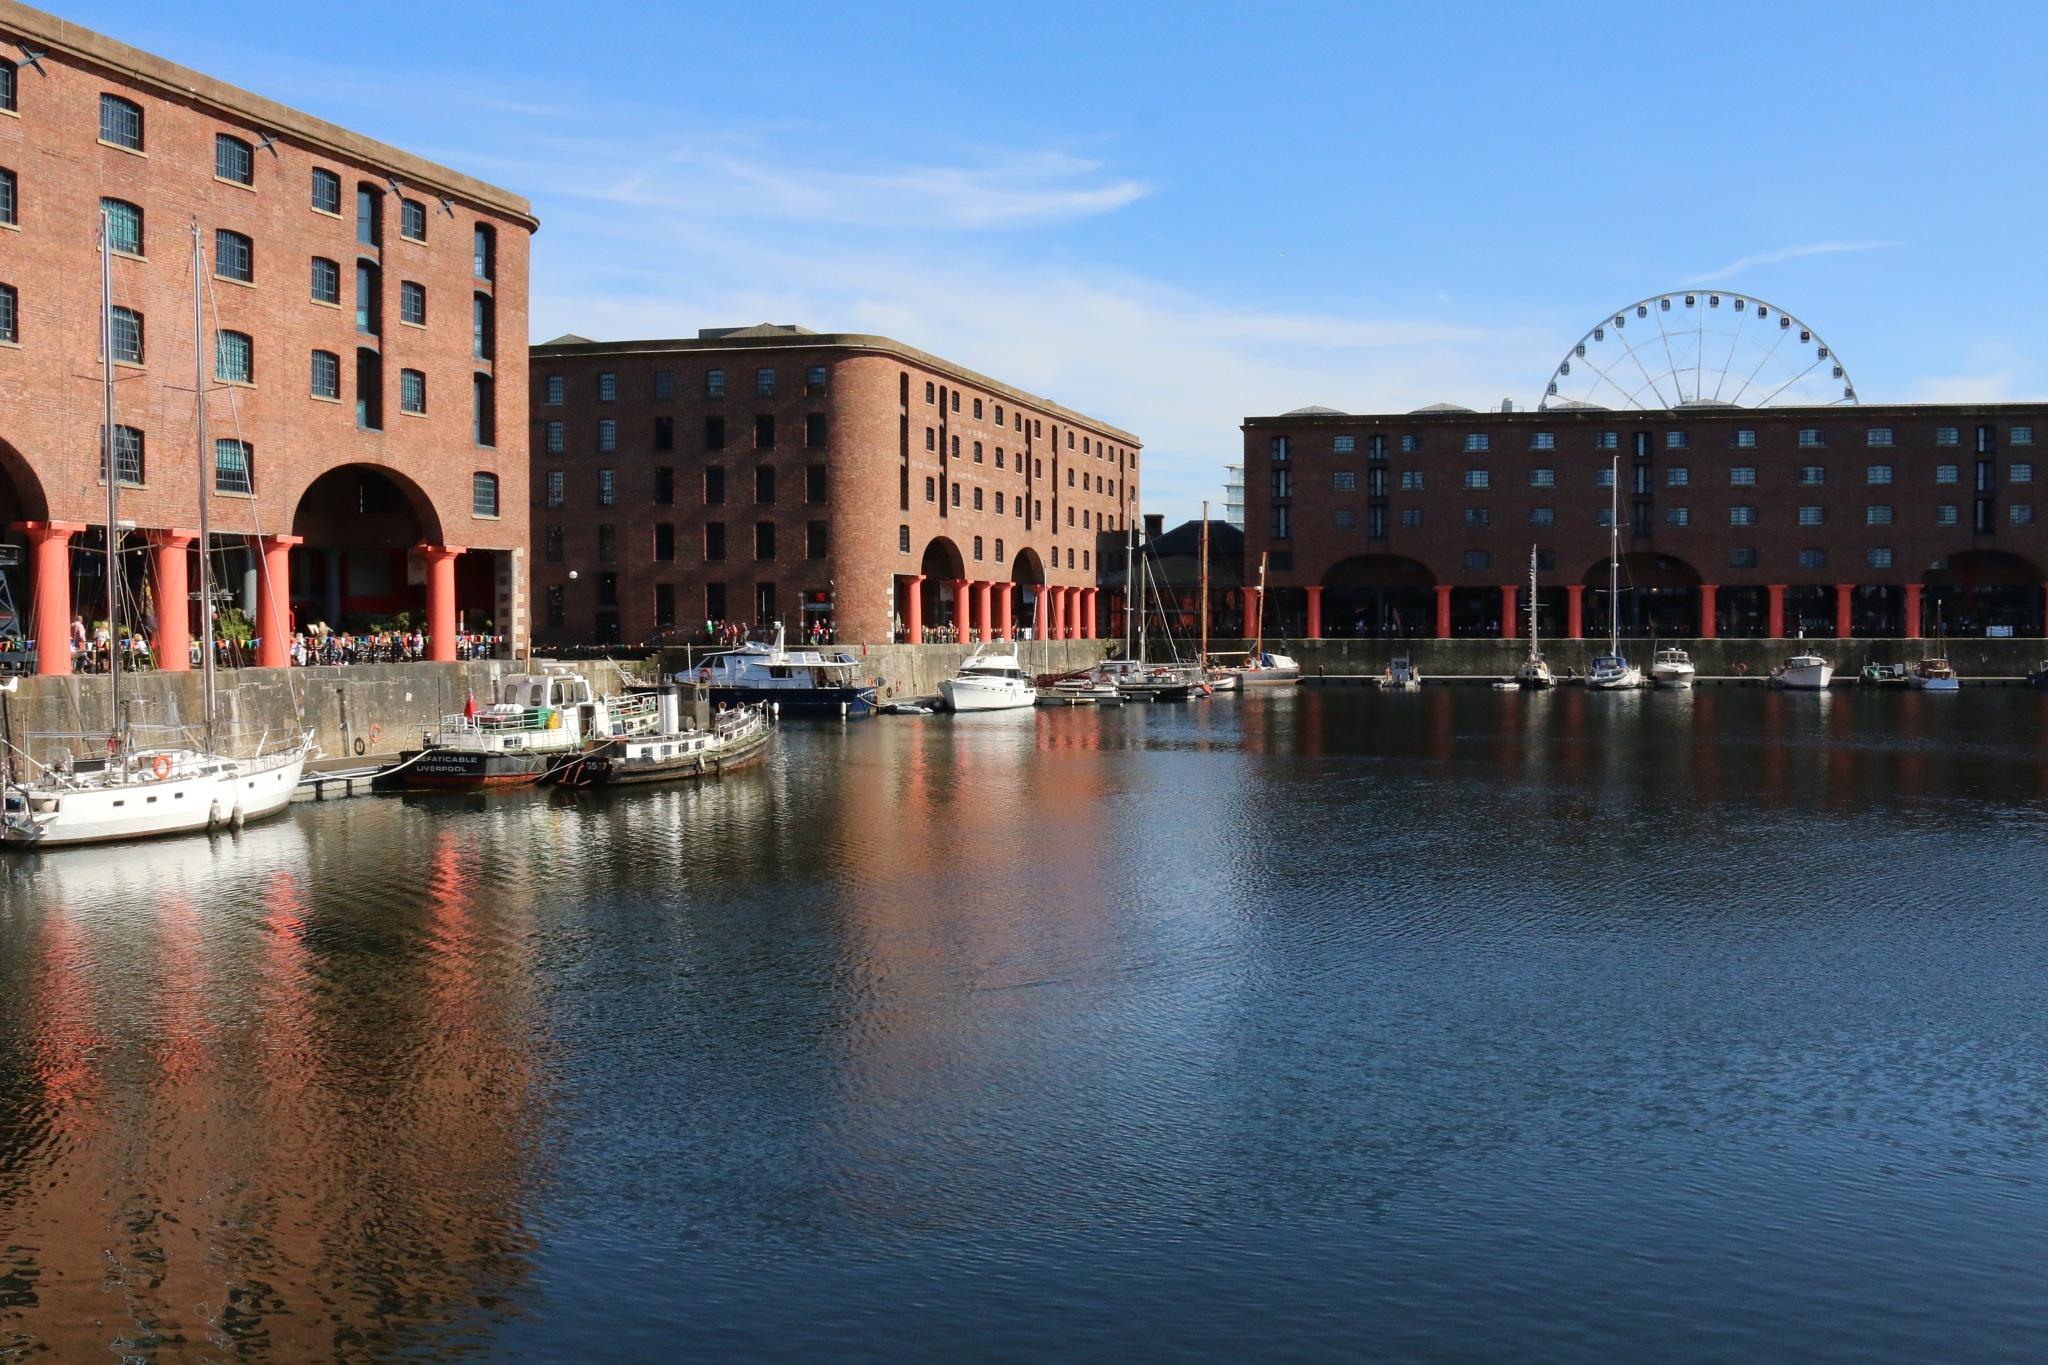 Royal Albert Dock, Liverpool by Kevhyde